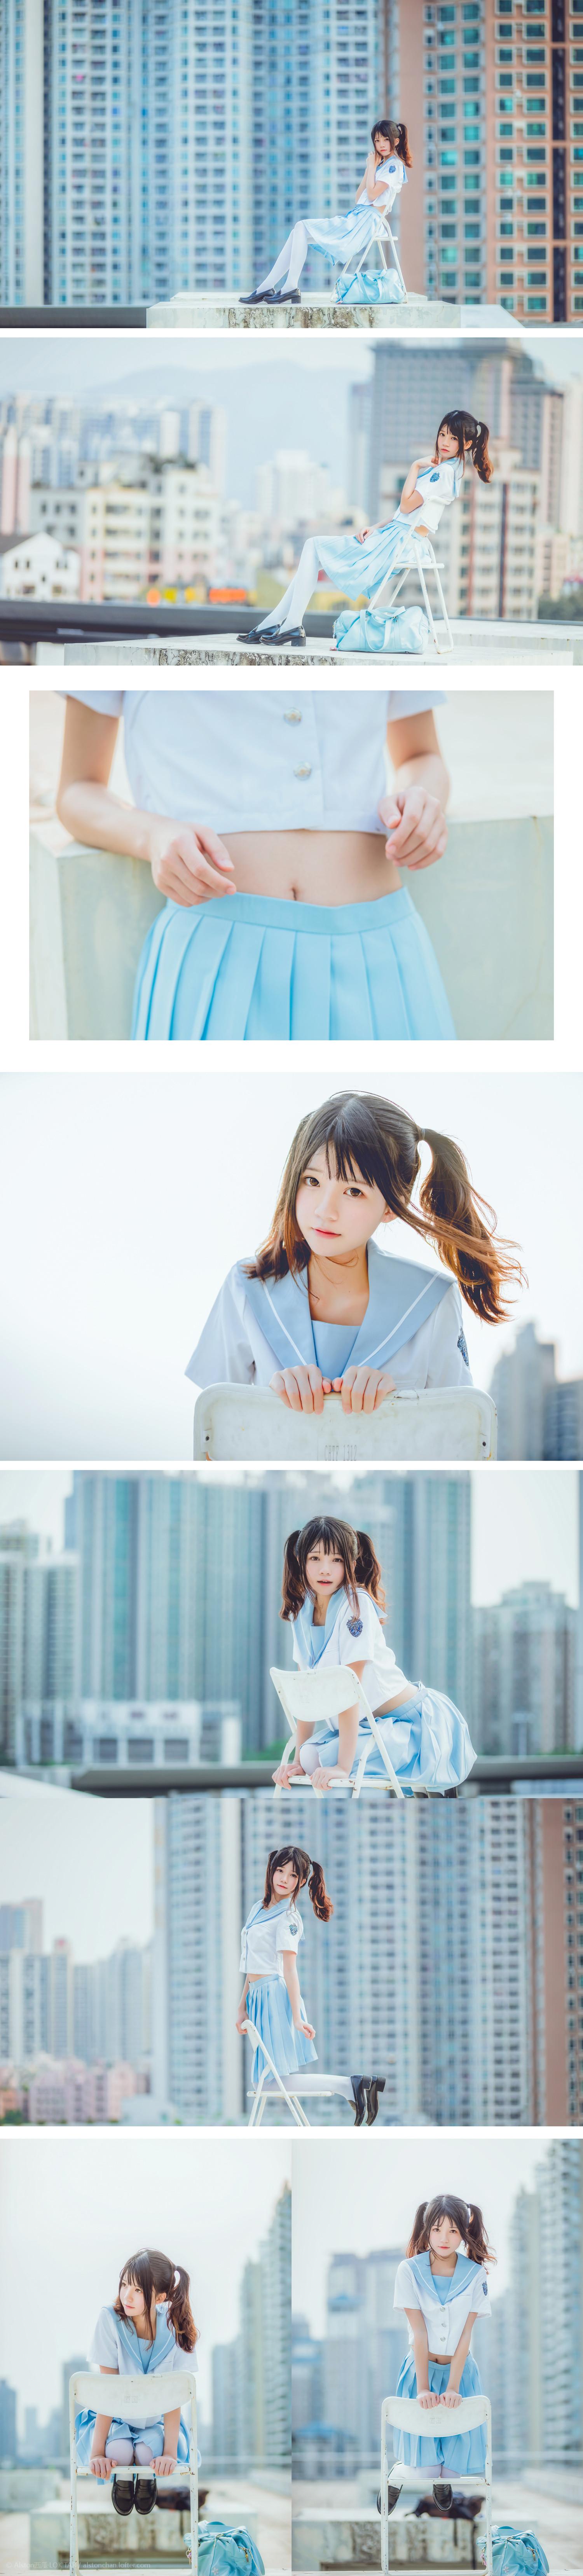 免费⭐微博红人⭐桜桃喵@写真cos-穿制服的样子(桜桃喵)插图5